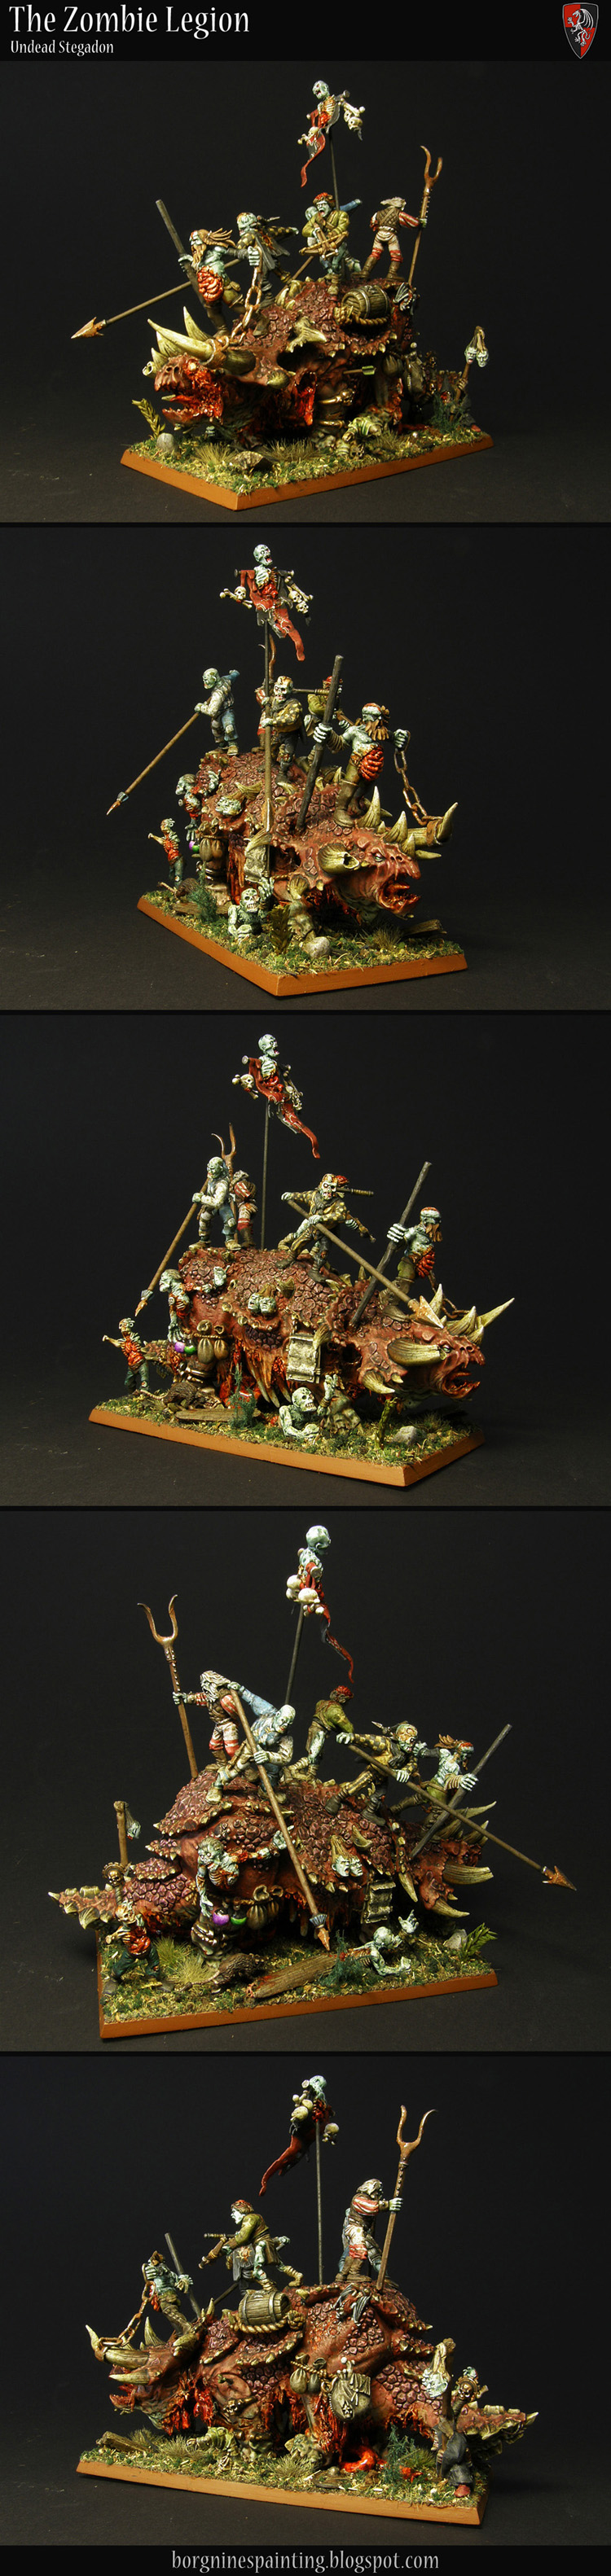 Undead Stegadon / Zombie Filler